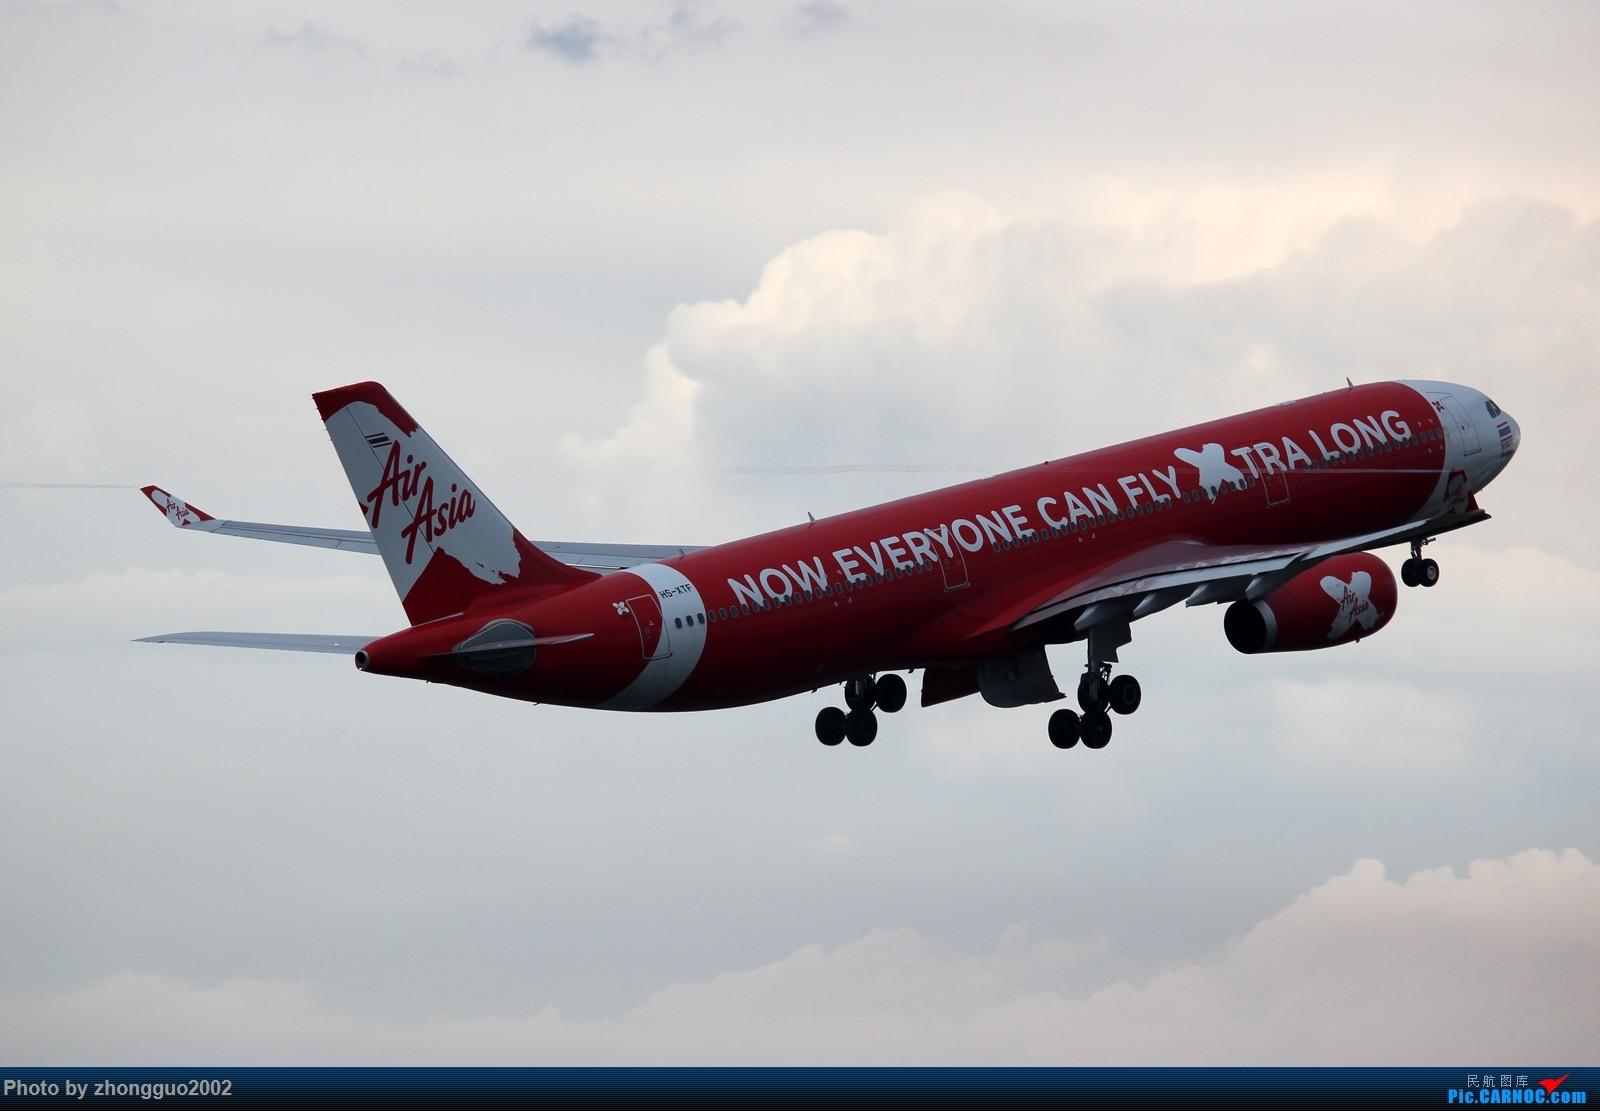 亚洲航空_>>[原创]热烈庆祝泰国亚洲航空公司330首飞鄂尔多斯,鄂尔多斯机场迎